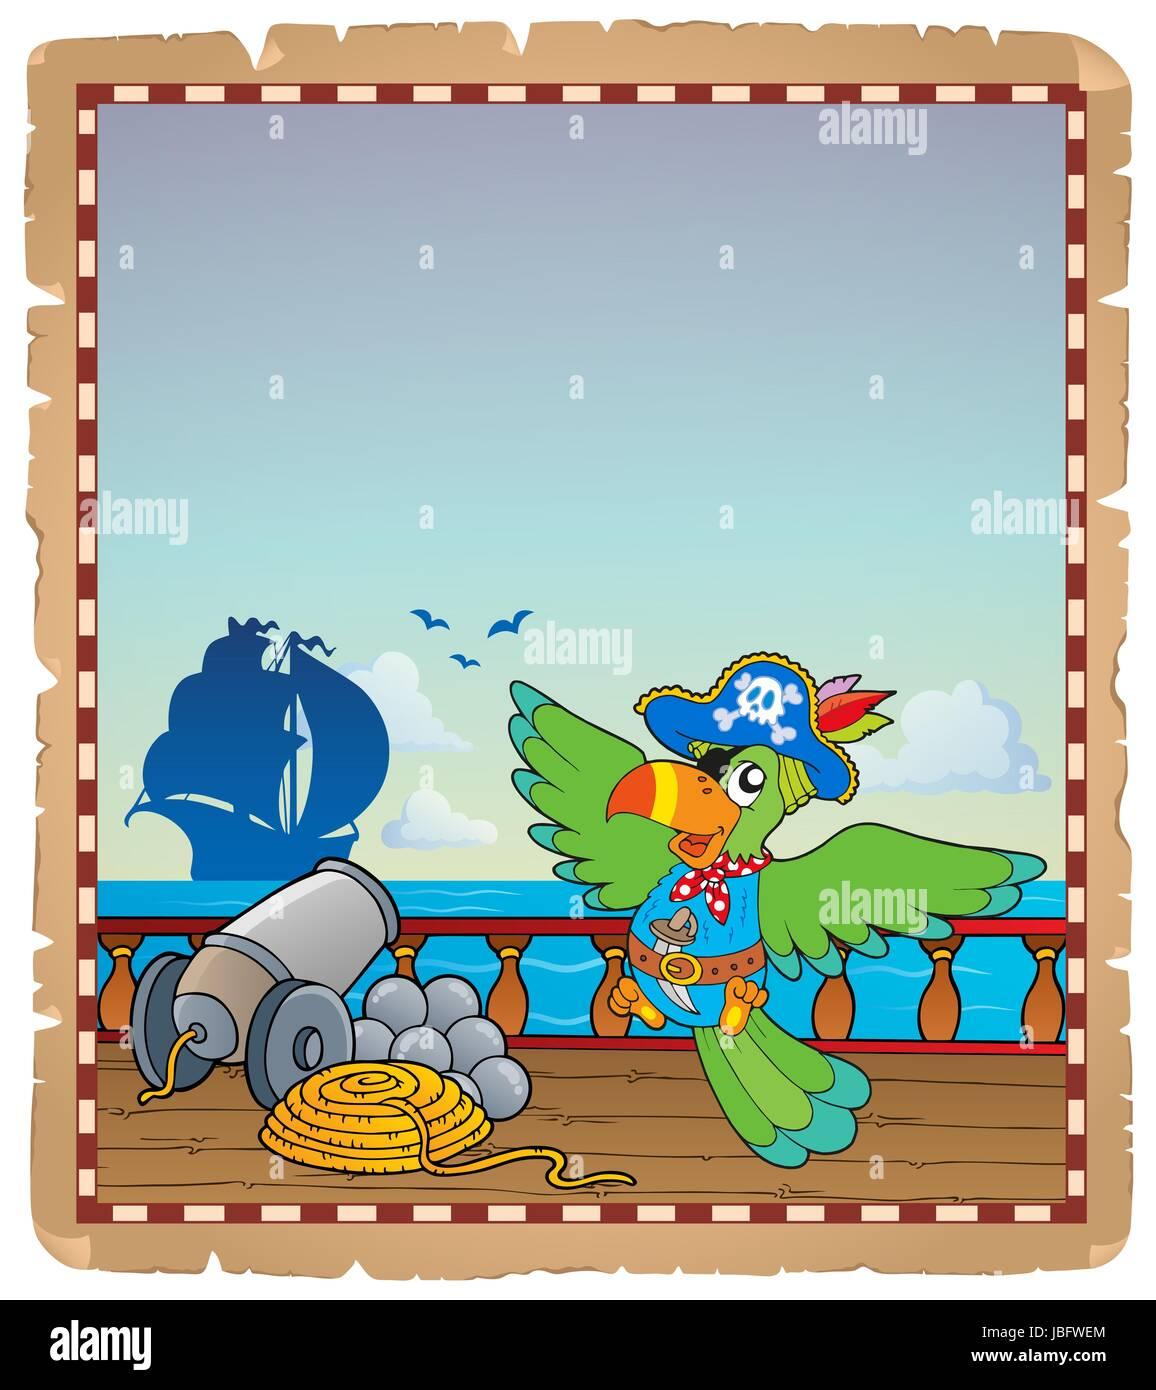 Pergament mit Piraten Schiffsdeck 6 - Bild-Darstellung. Stockbild